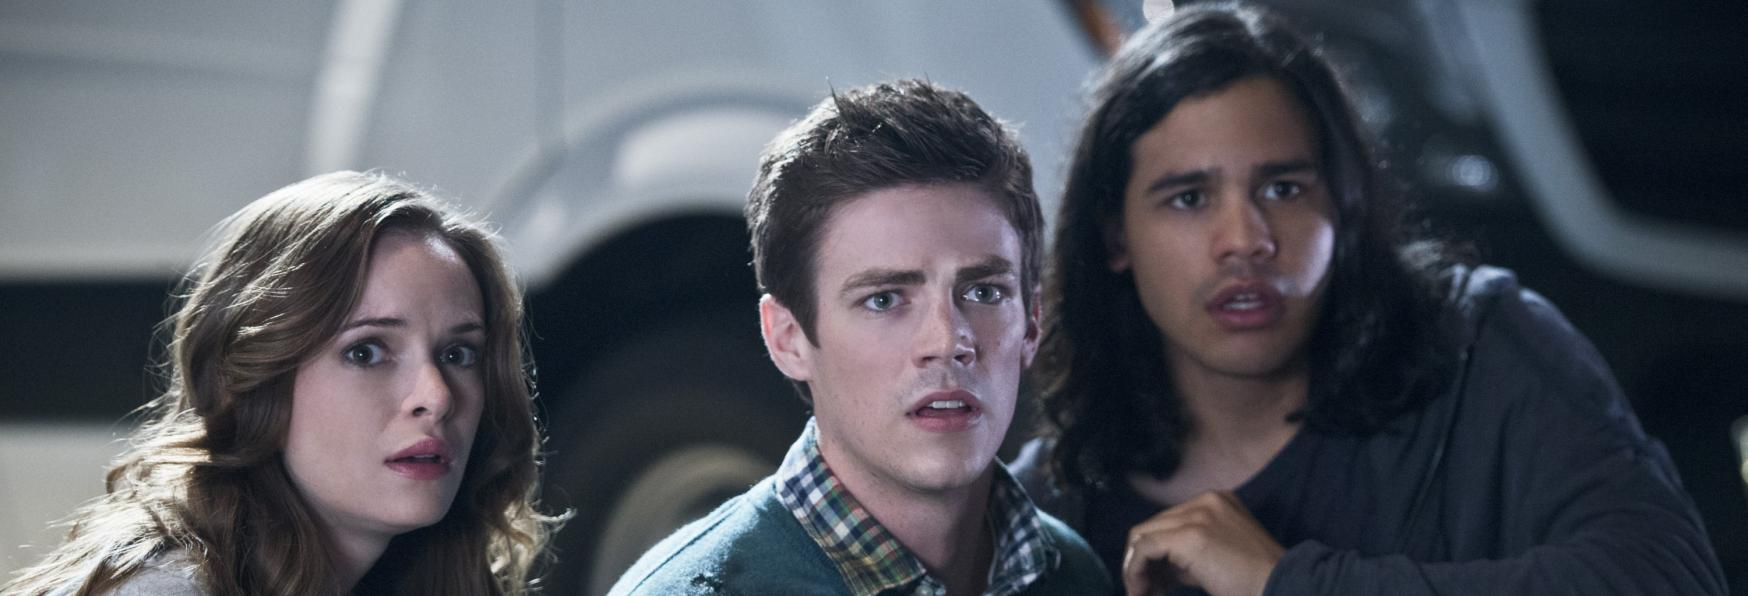 The Flash 7: la Sinossi del Quinto Episodio preannuncia l'arrivo di un nuovo Villain